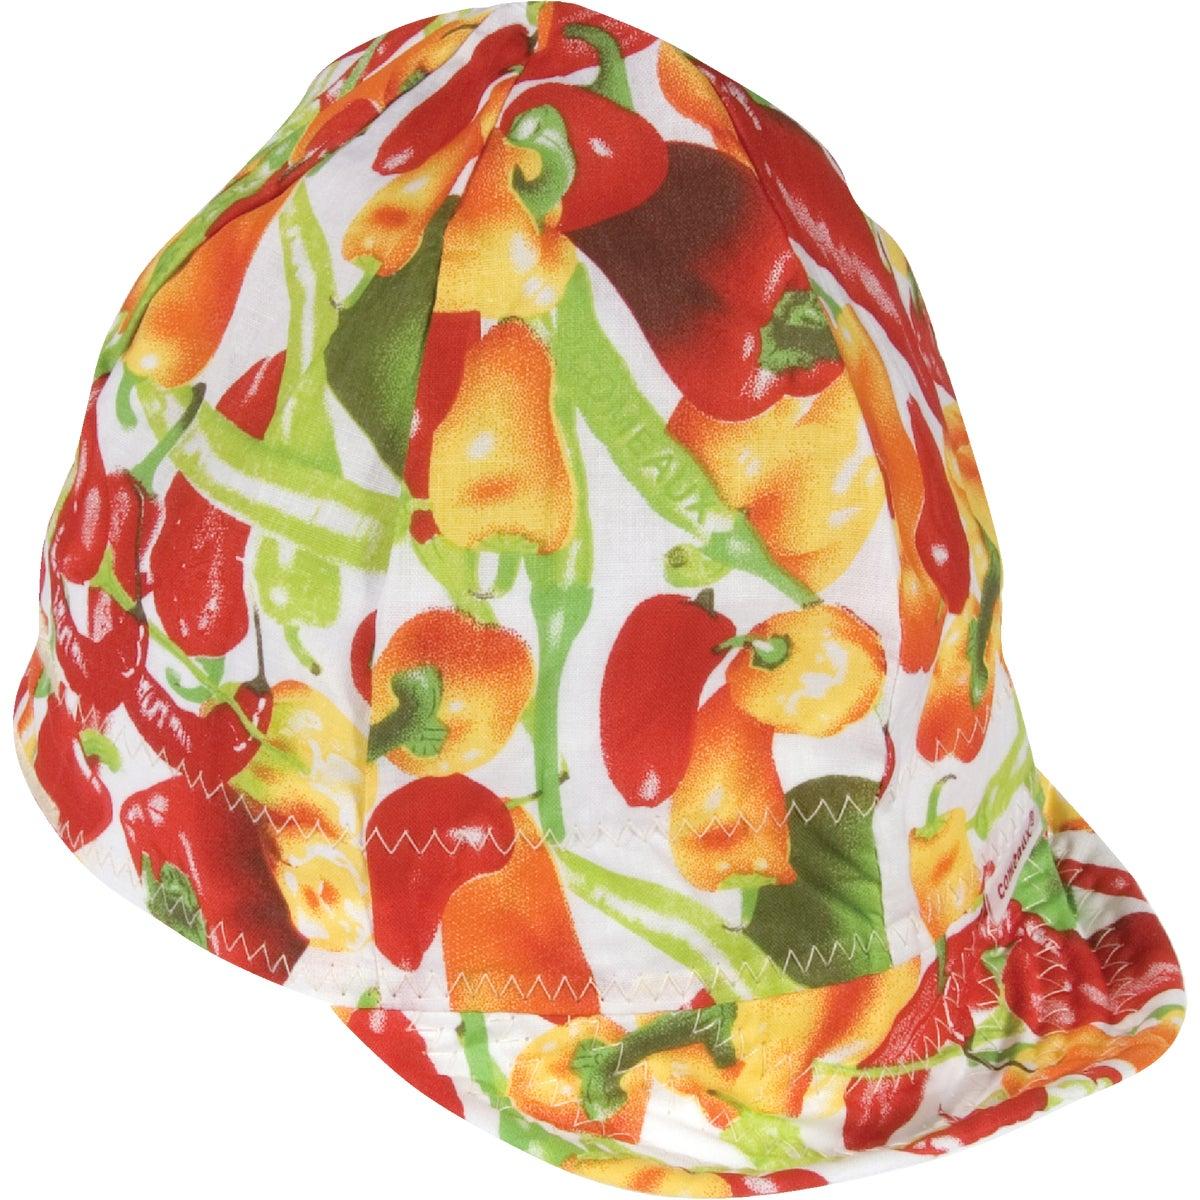 SZ 7-1/8 WELDING CAP